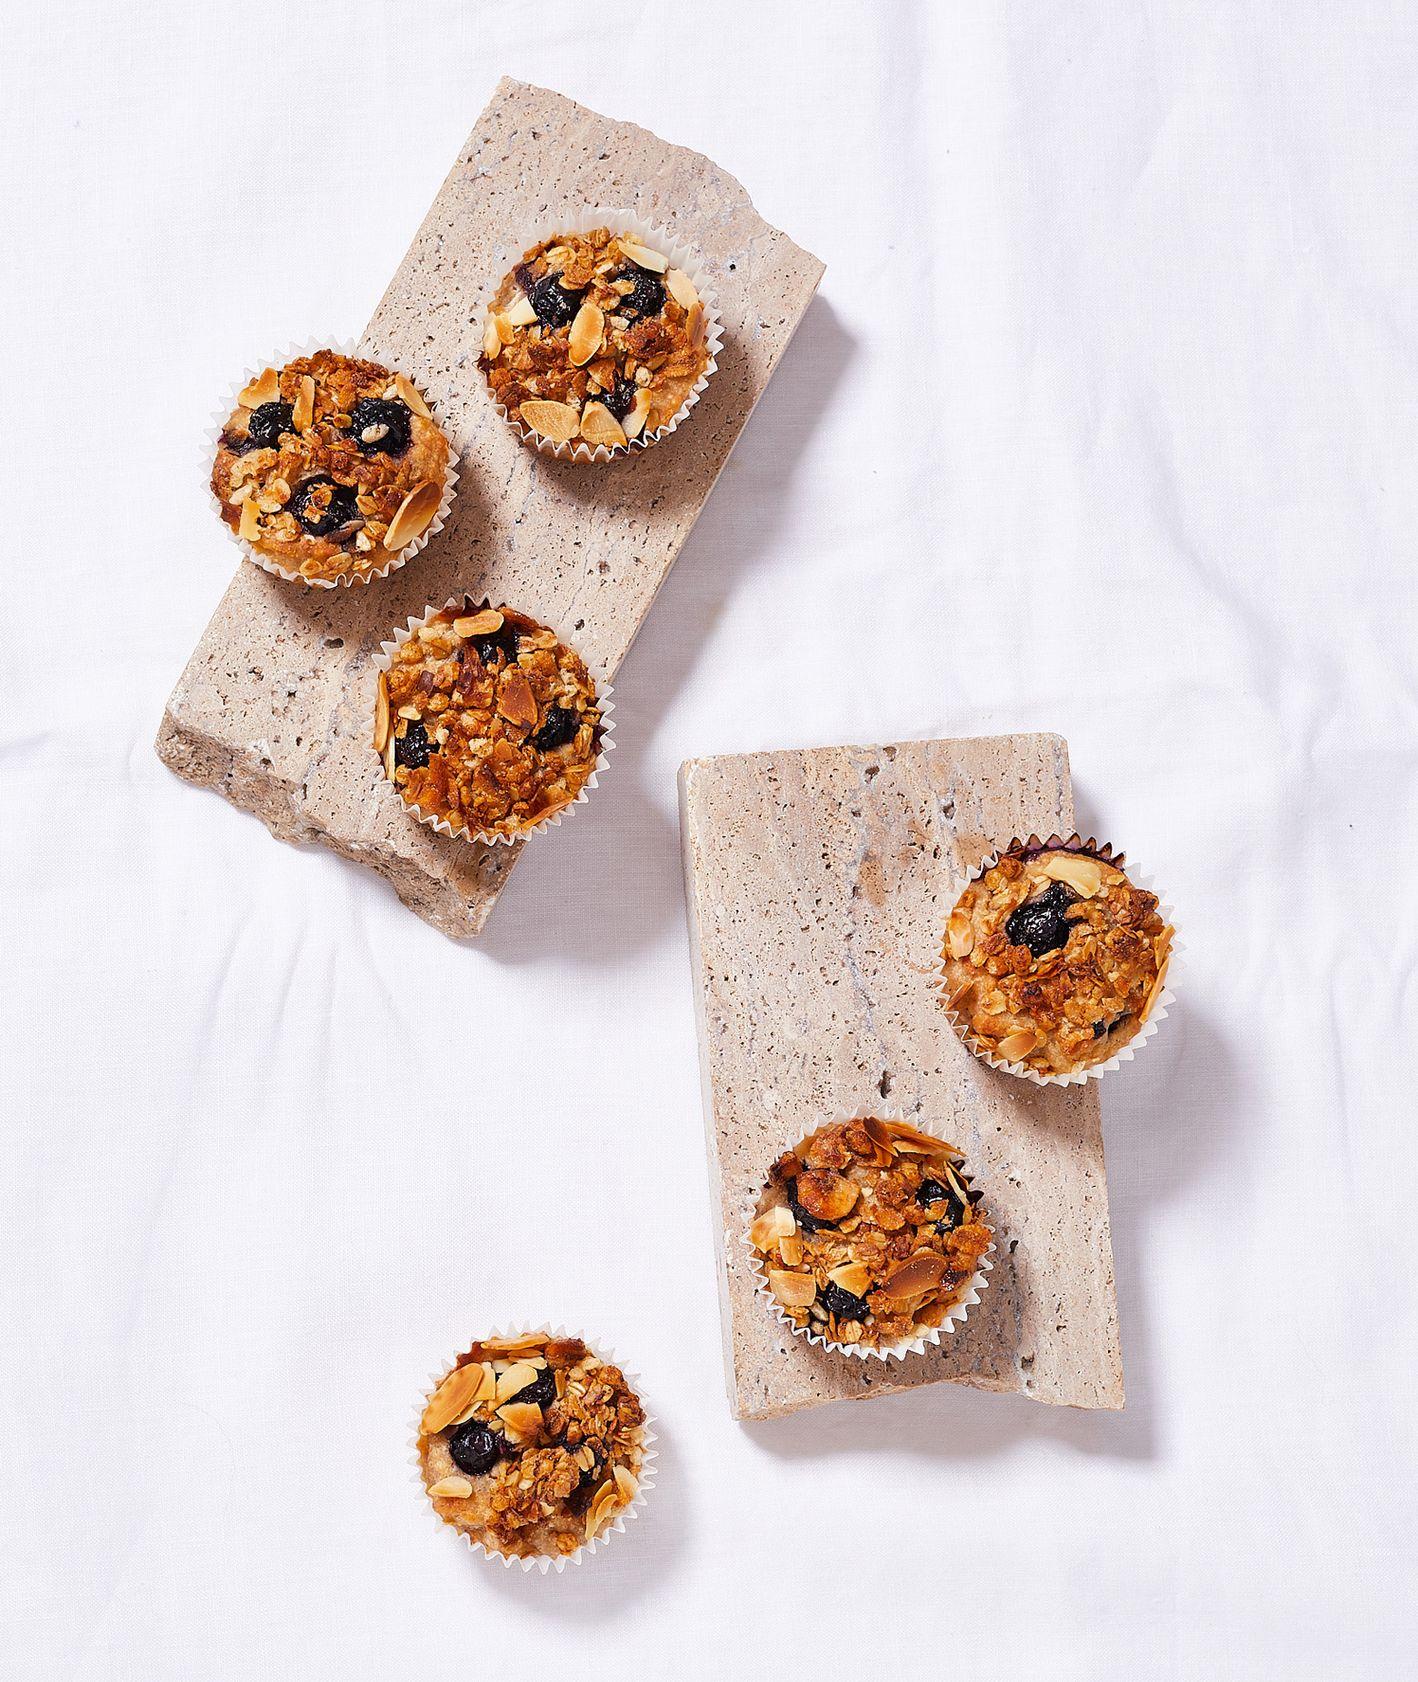 Wege śniadania słodkie. Muffinki z musli i orzechami (fot. Maciek Niemojewski)